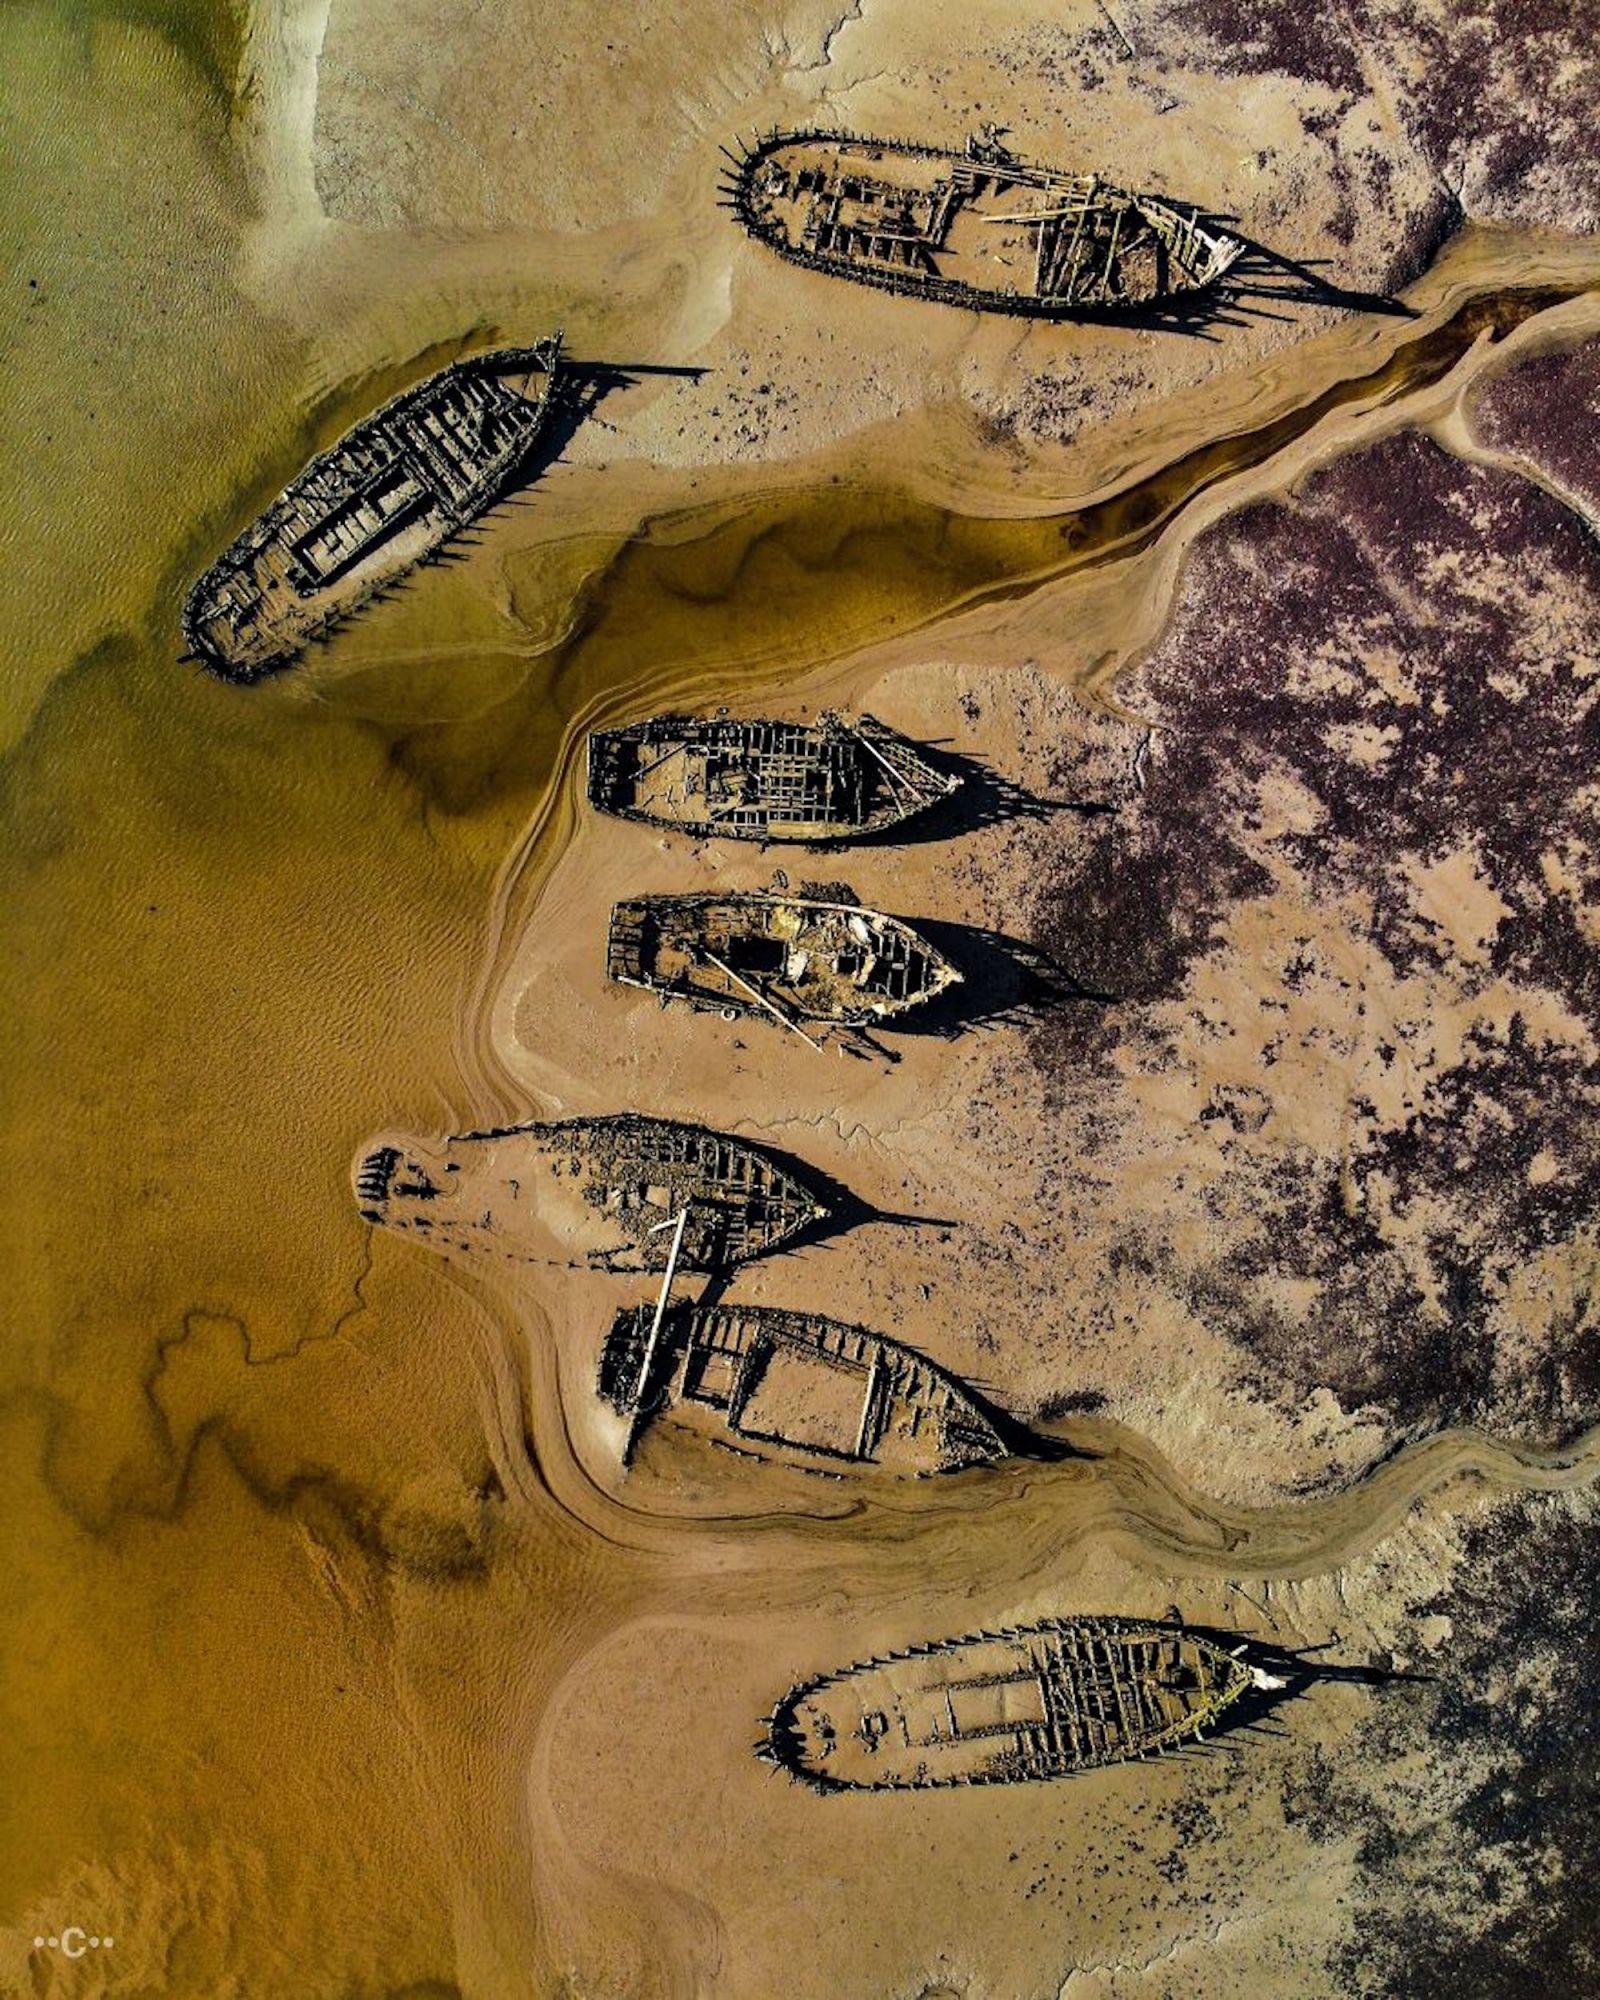 Sepulturas de naufrágio na Bretanha, França. Alguns barcos estão lá há mais de 100 anos